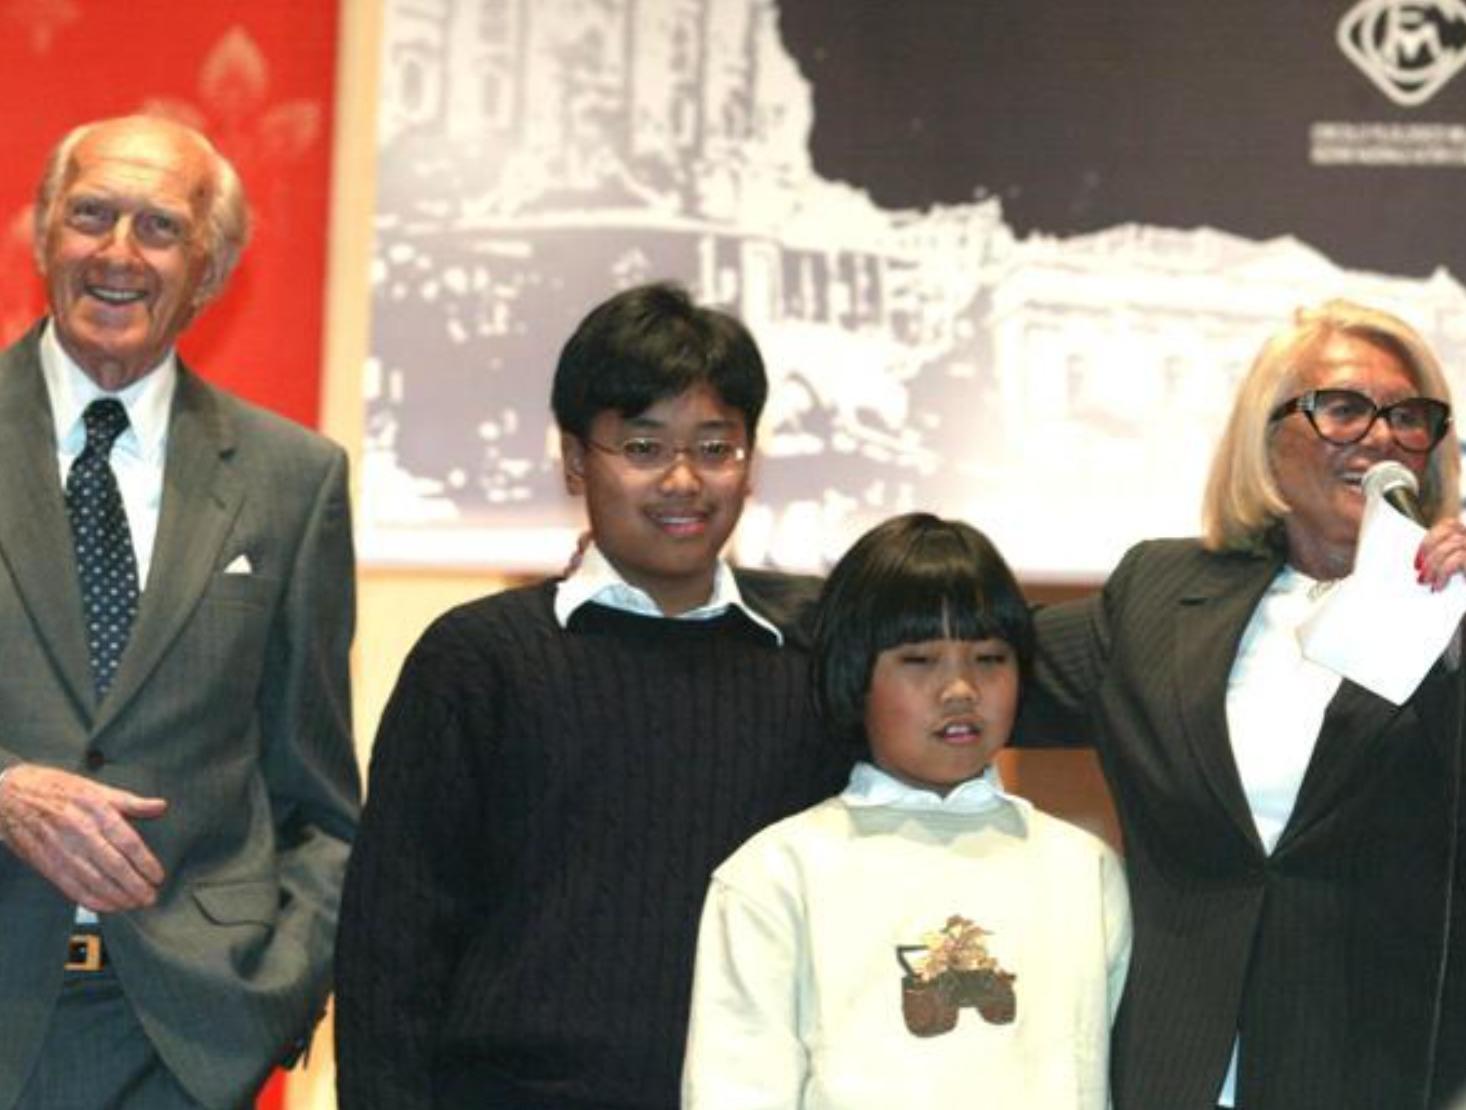 sandra mondaini raimondo vianello figli filippini adottati famiglia oggi età